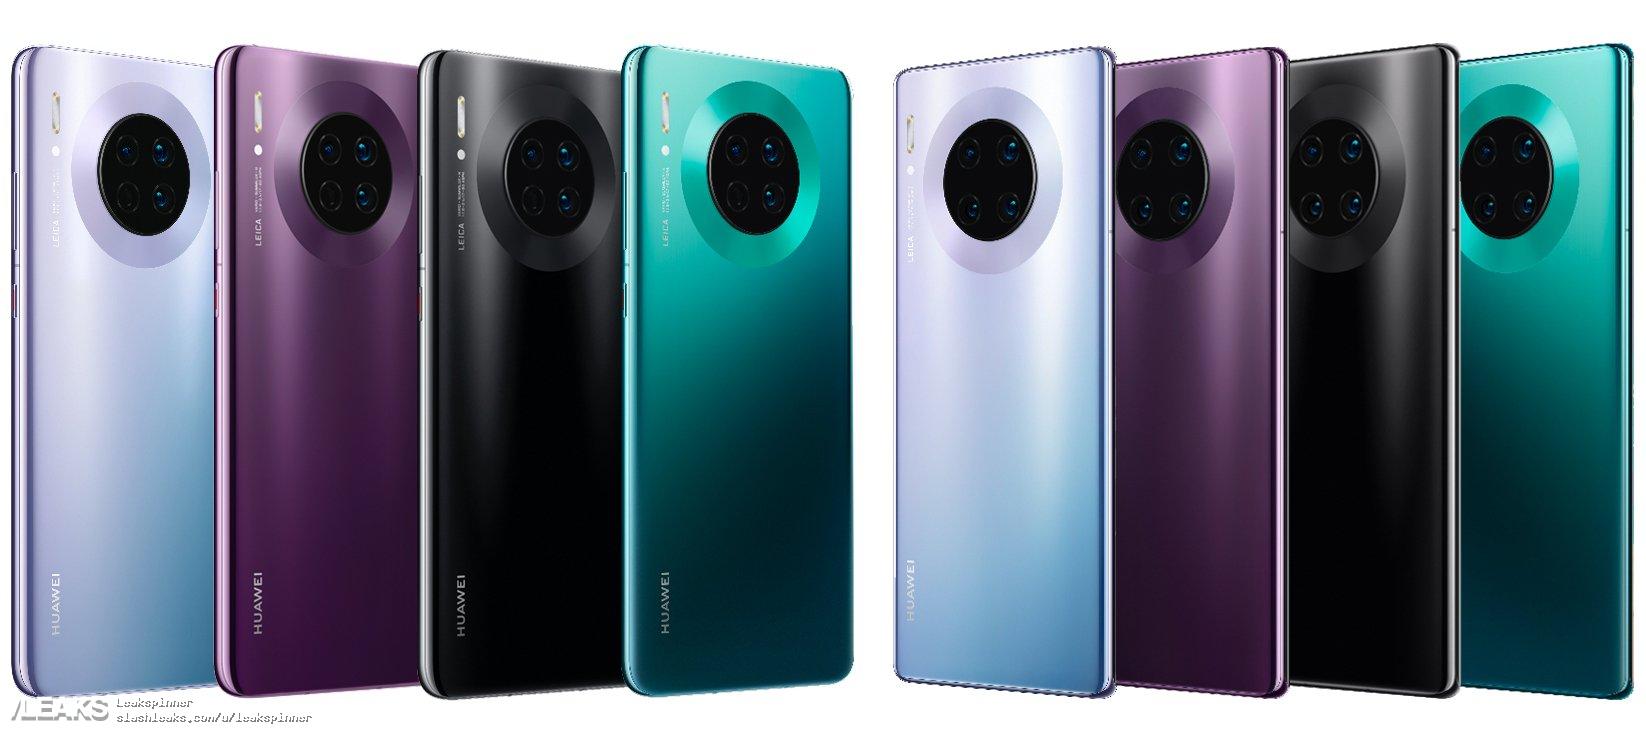 Ultimul Leak EXCLUSIV al Huawei MATE 30 PRO inainte de Lansare culori